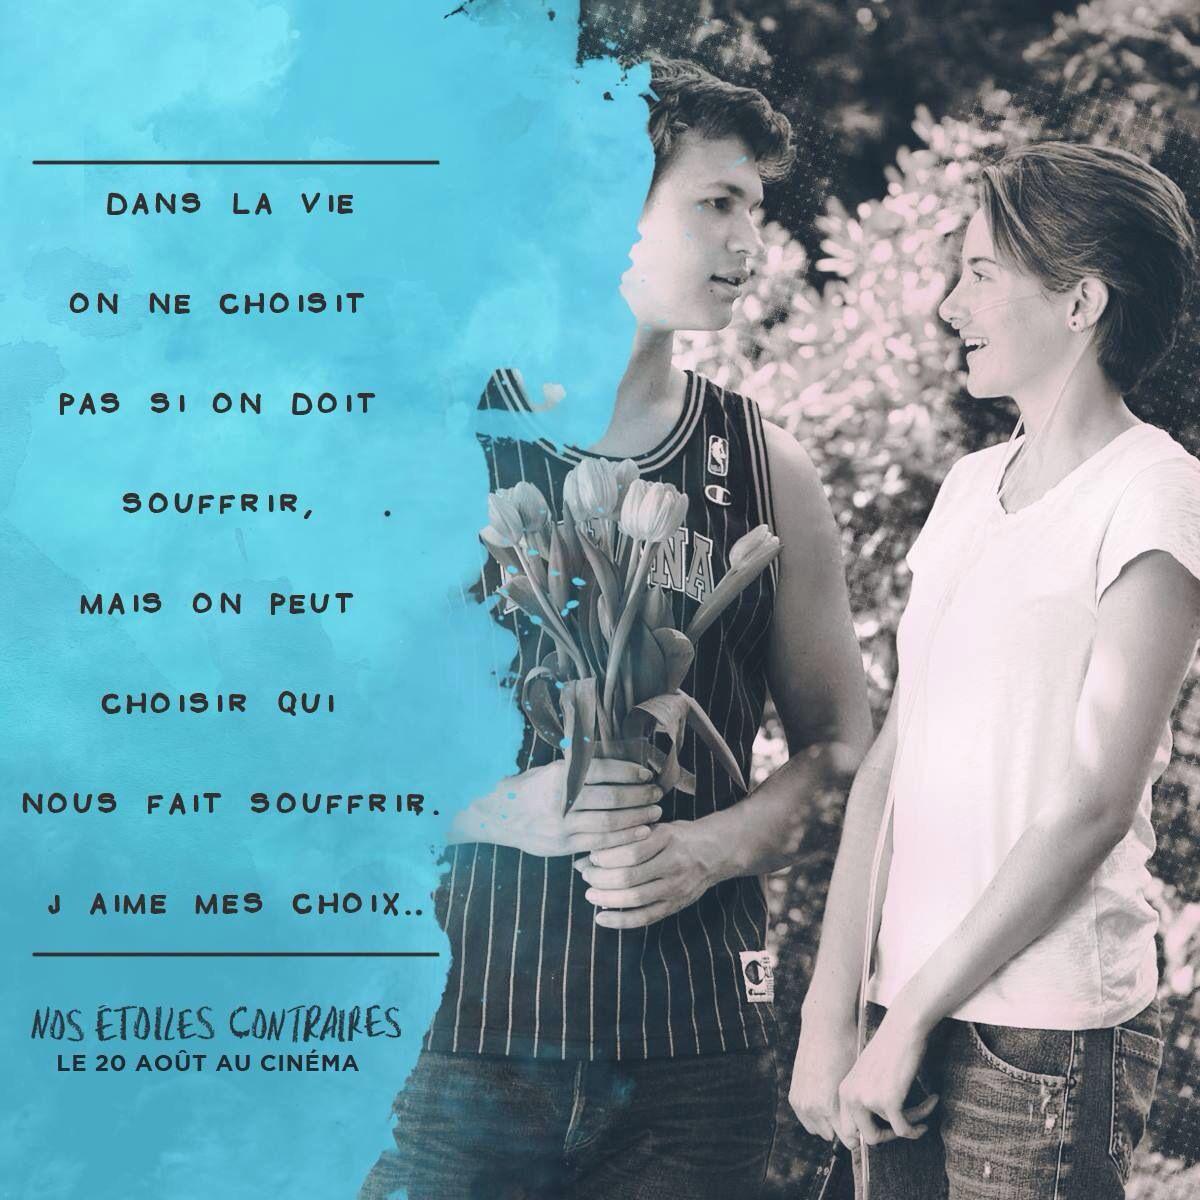 The fault in our stars - Nos étoiles contraires - Hazel Grace Lancaster - Augustus Waters - Ansel Elgort - Shailene Woodley <3 <3 love love